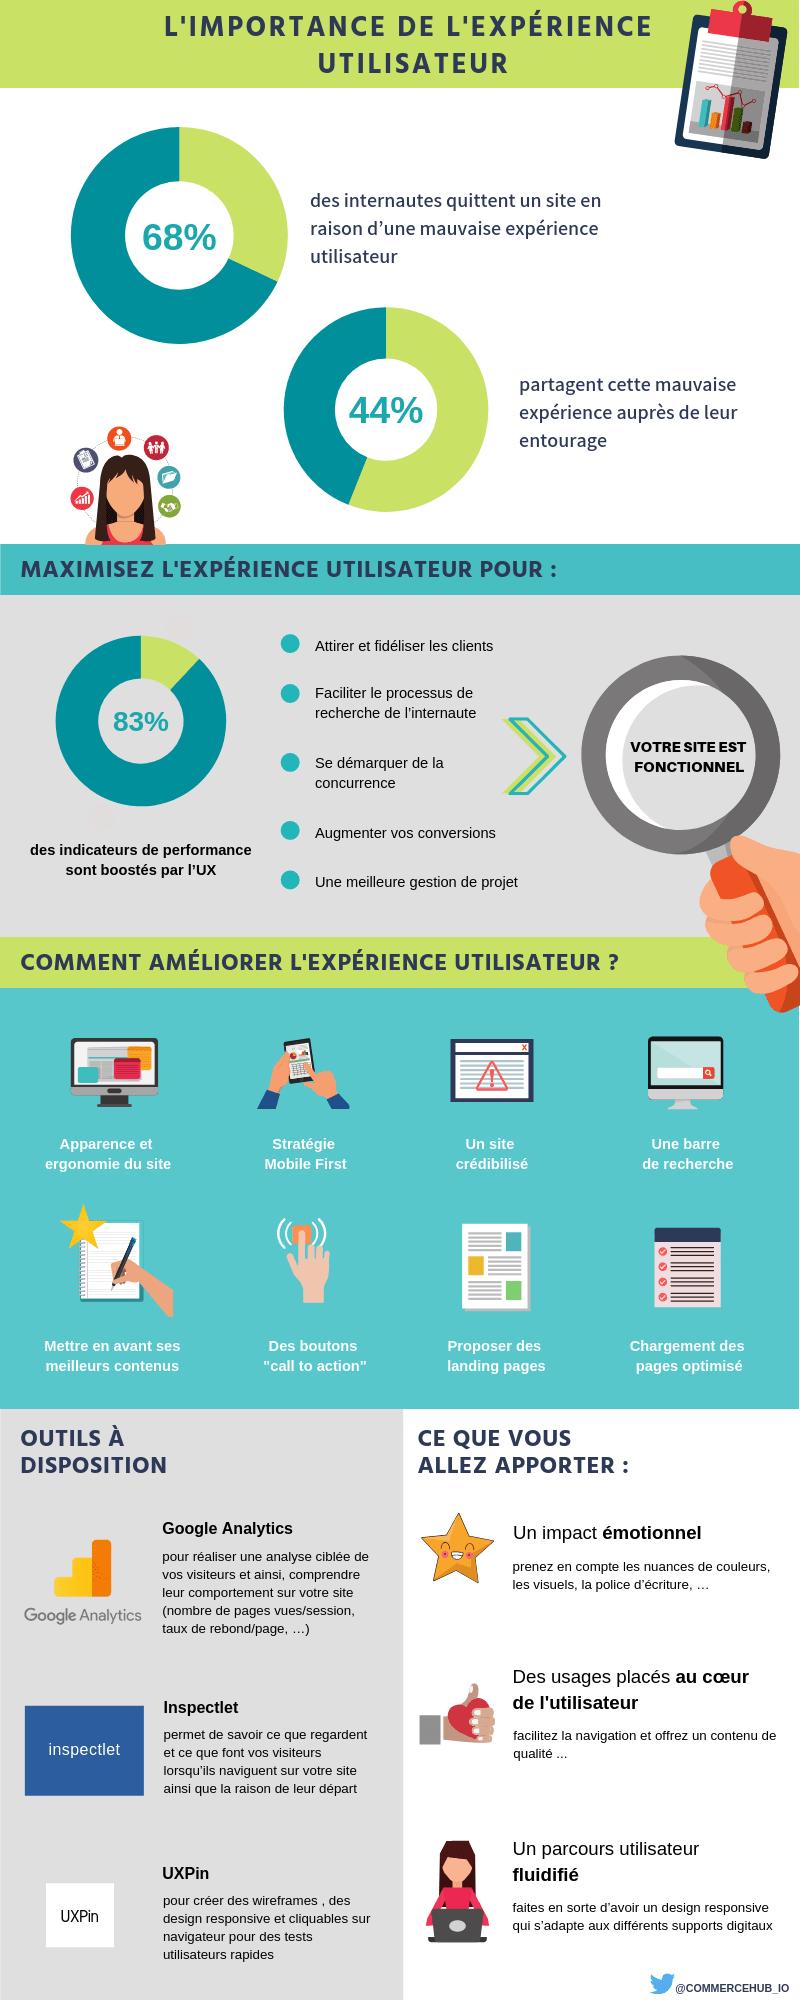 L'importance de l'experience utilisateur pour votre site web